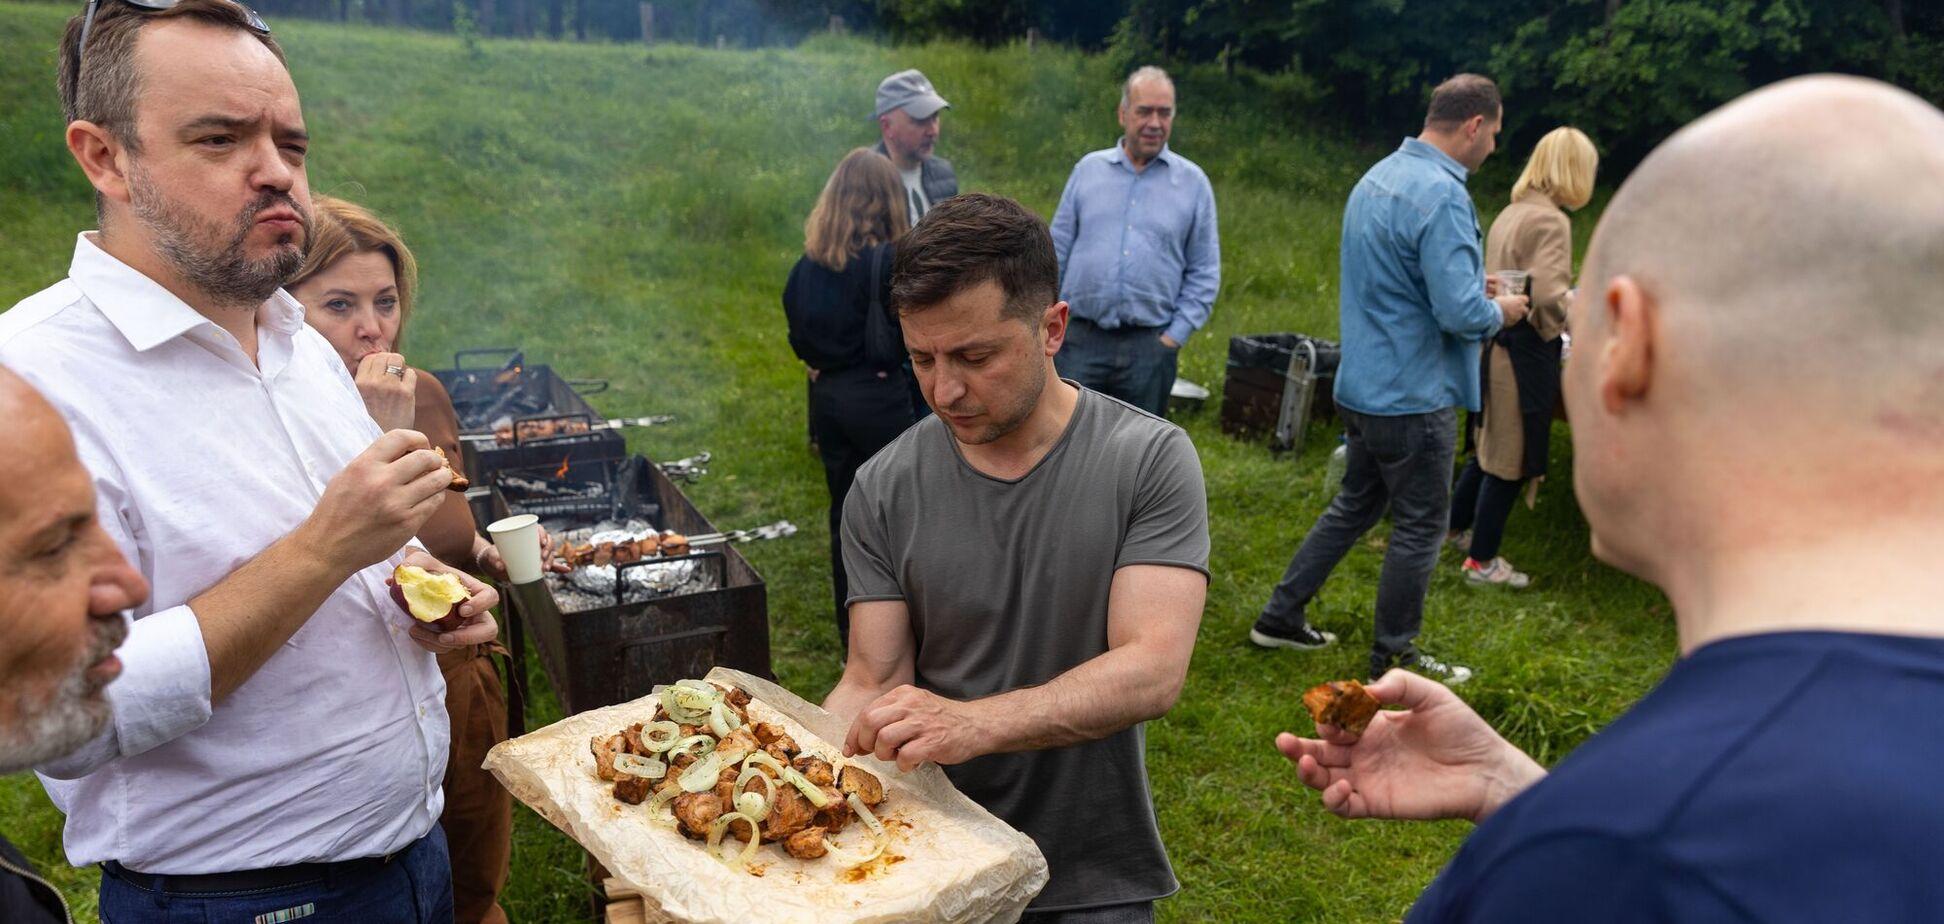 Зеленский поздравил журналистов с профессиональным праздником и позвал на пикник. Фото